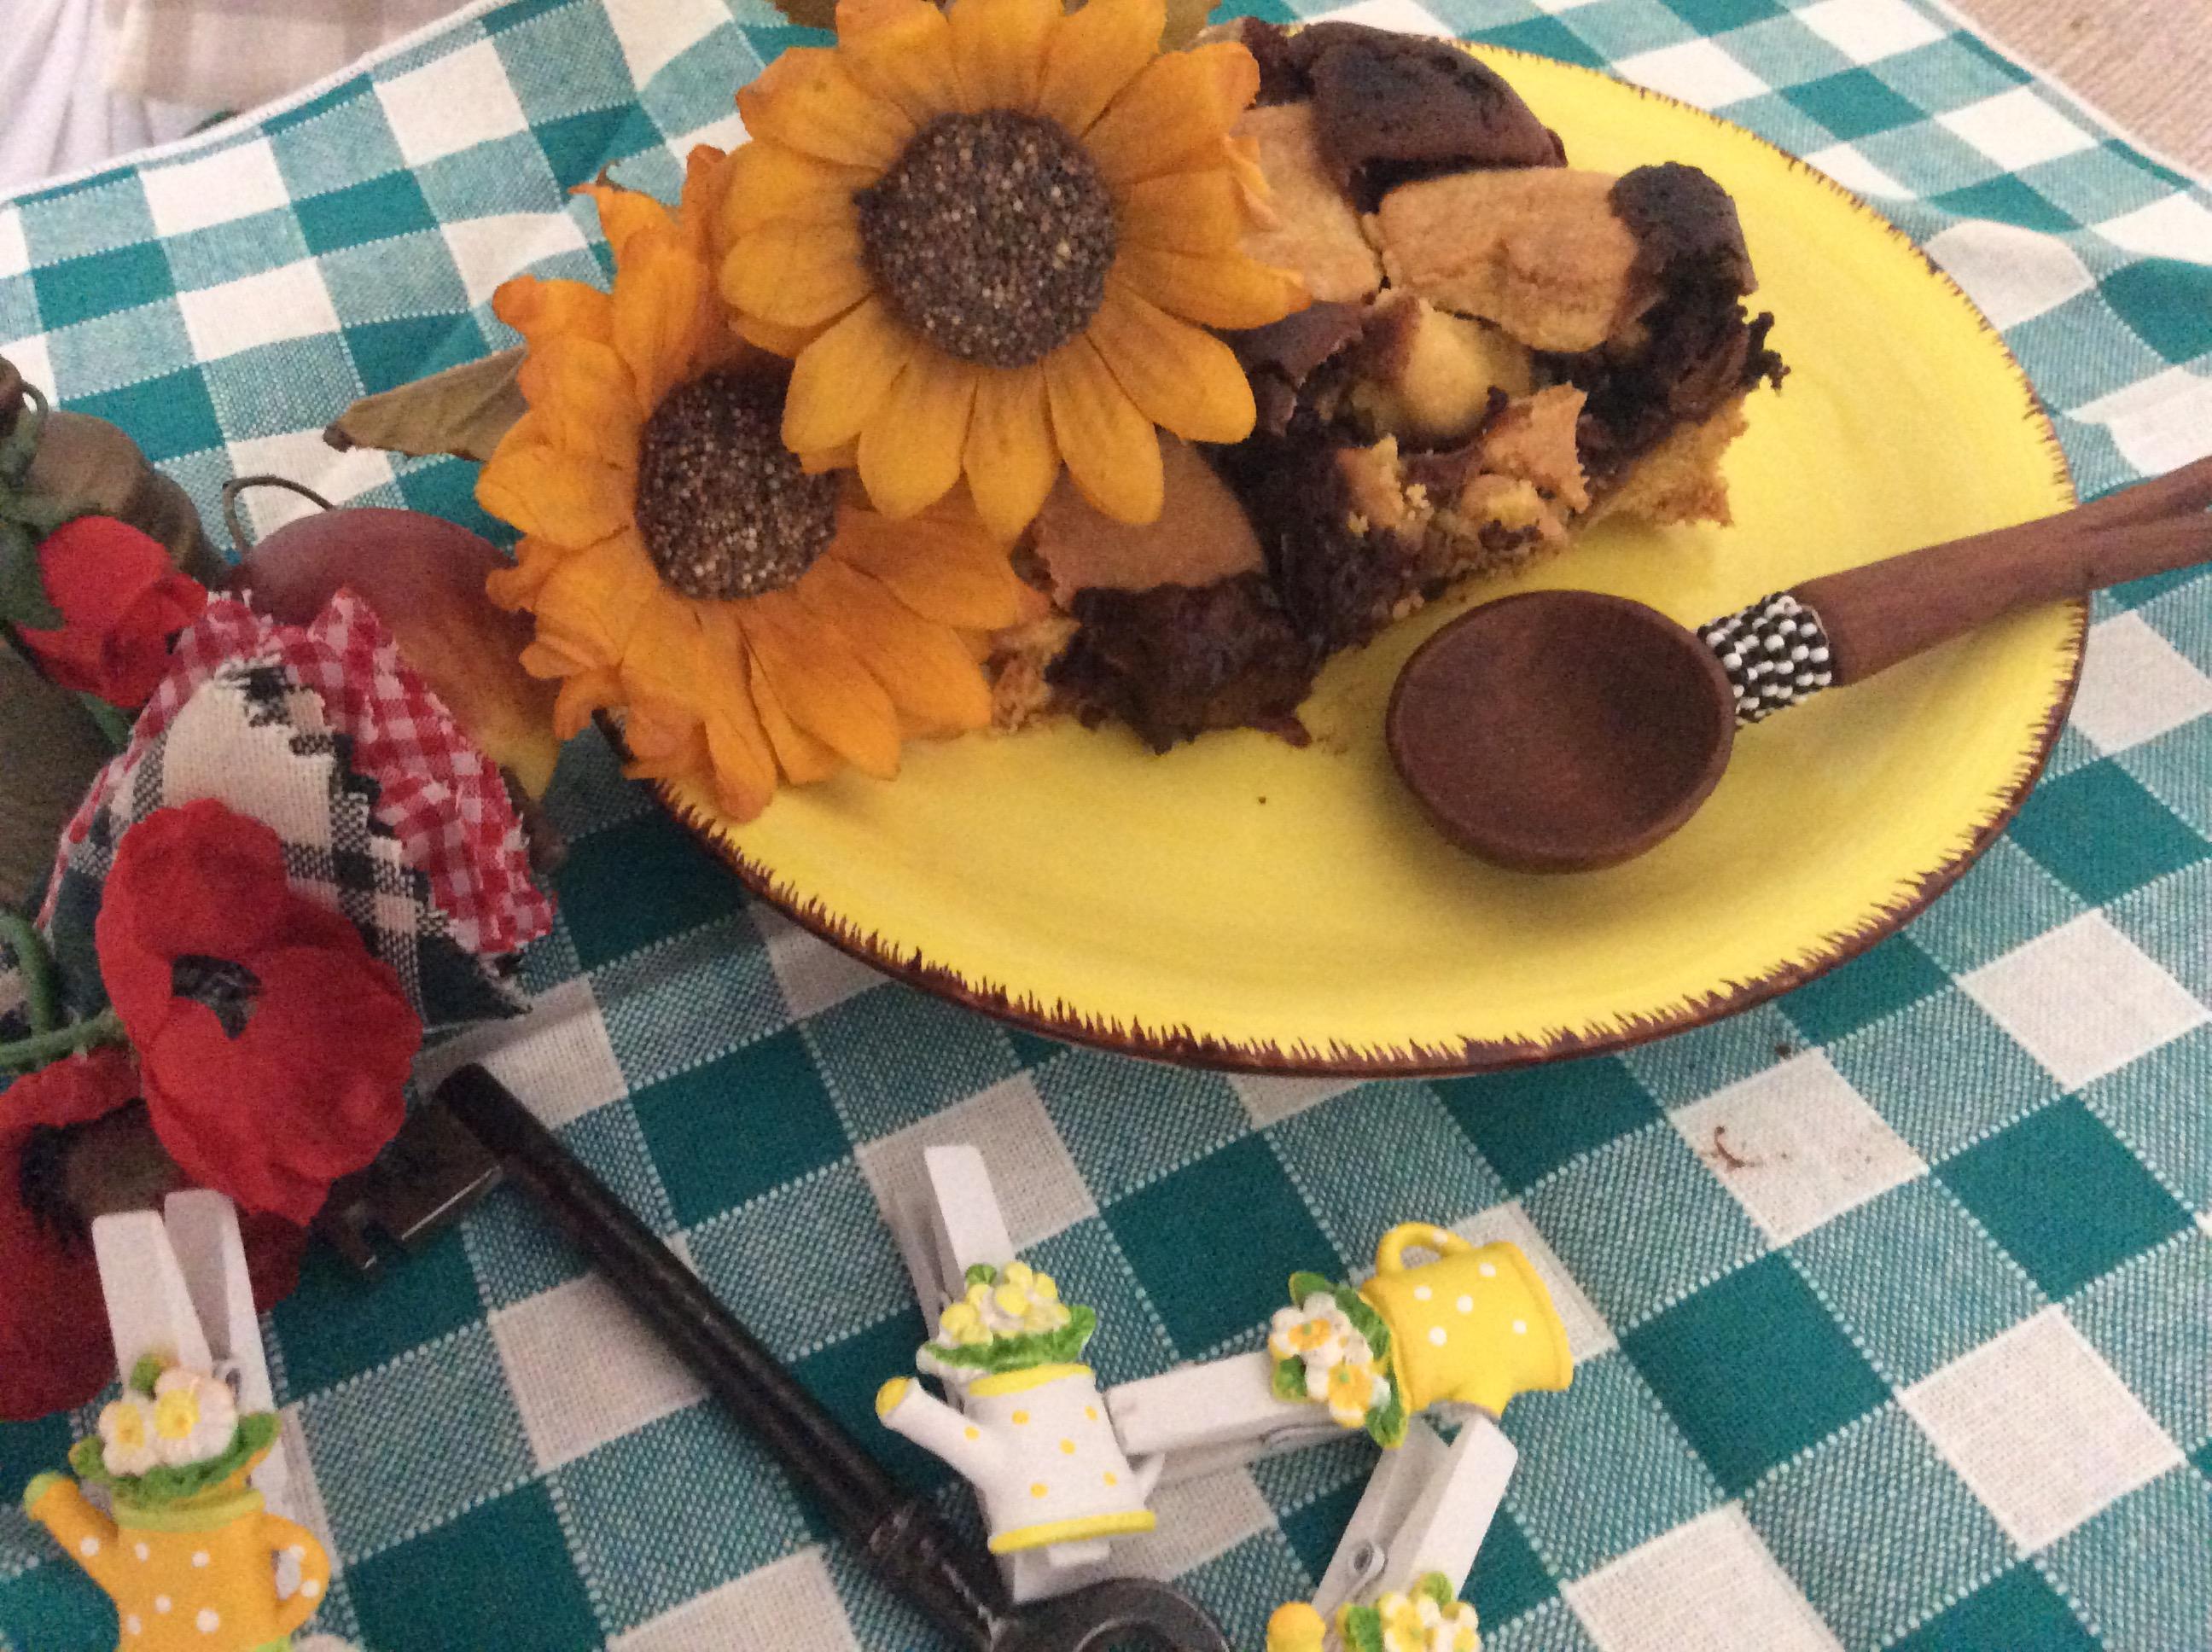 cuori di crema al cioccolato con pere